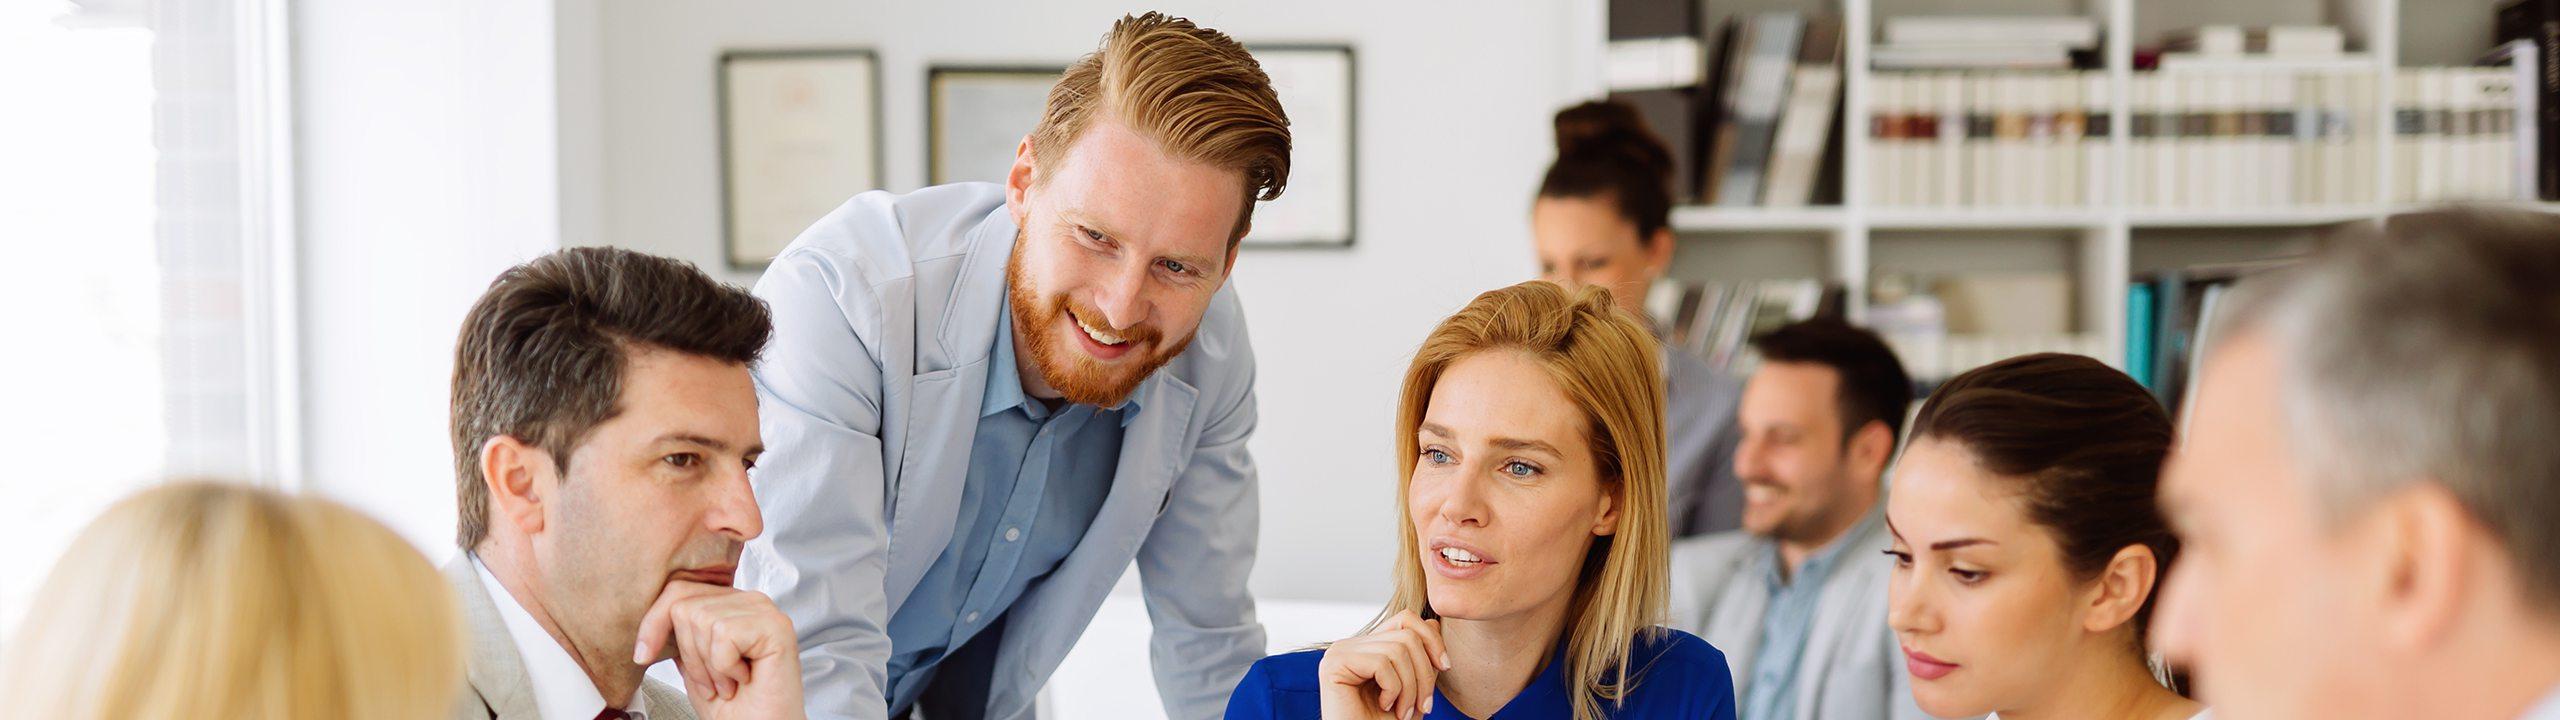 Qualifizierte Schulungen durch PowerPoint-Agentur